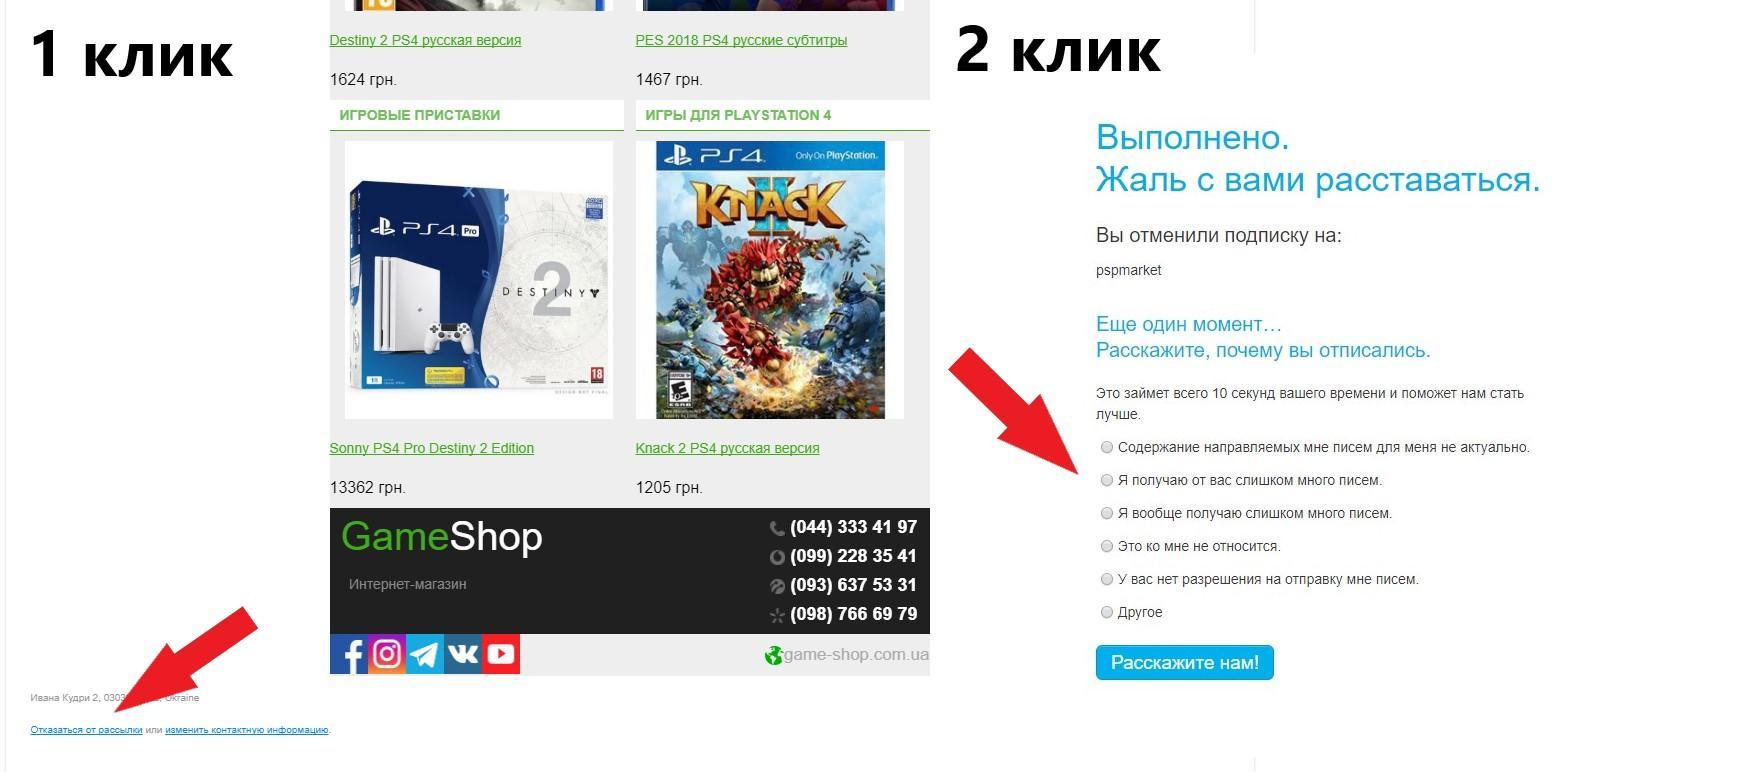 Процесс отписки от GameShop